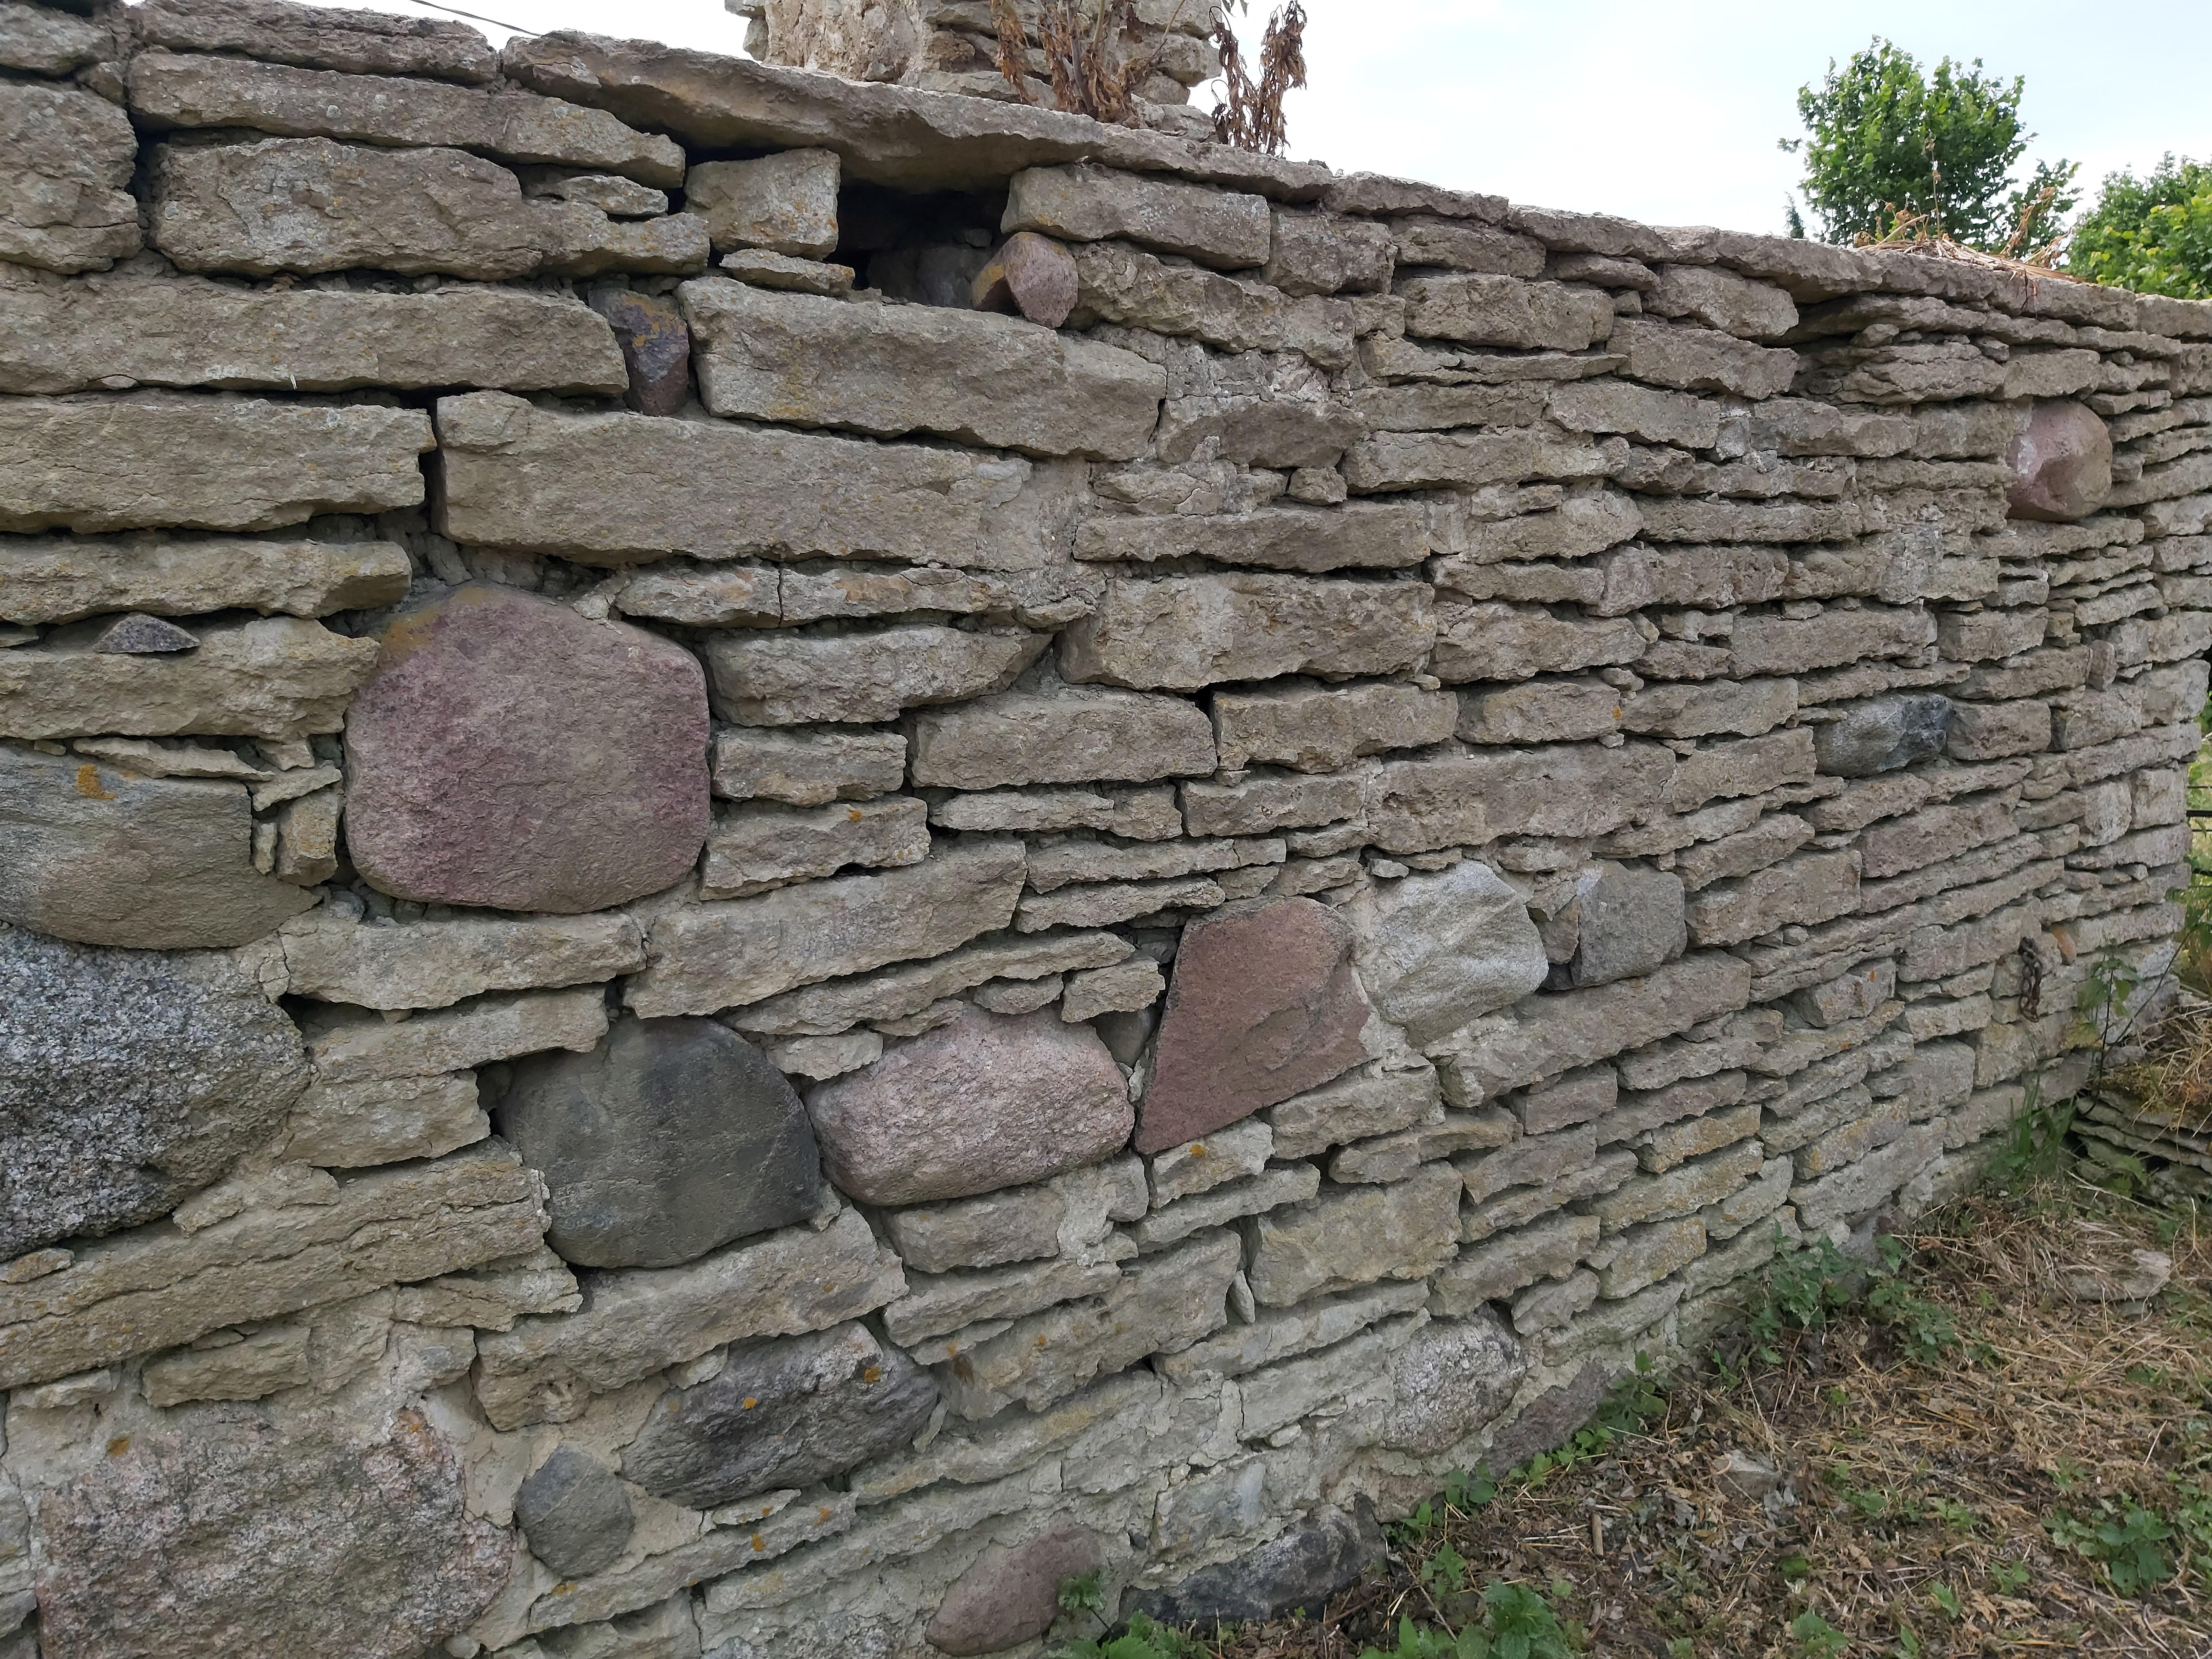 Paekivimüüri taastamise praktikum